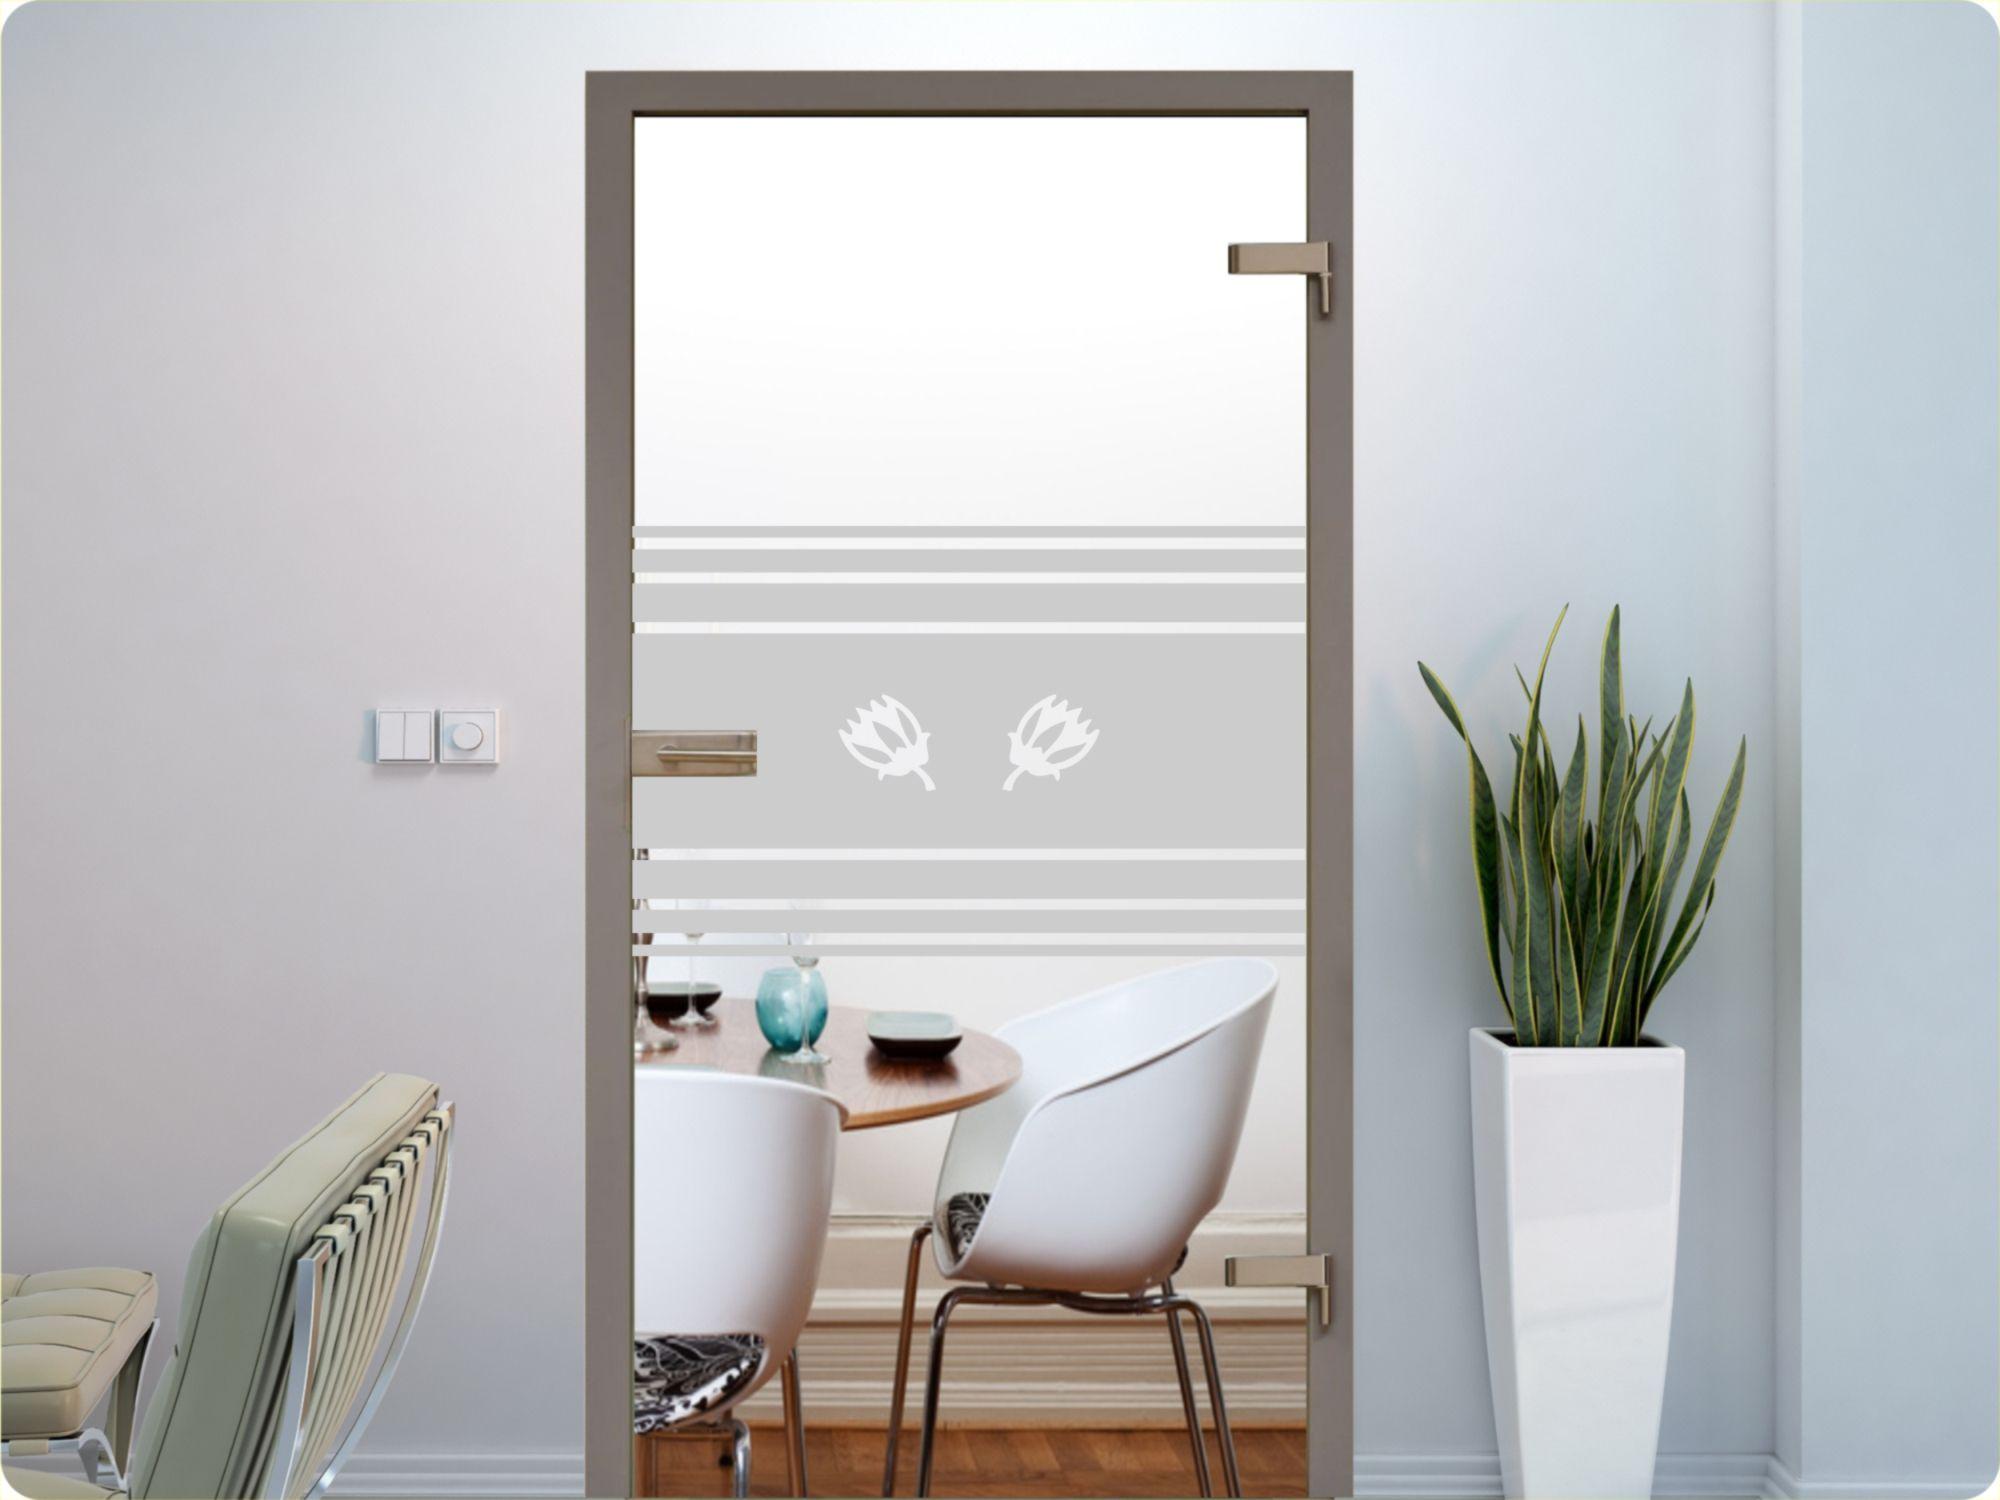 Full Size of Fensterfolie Ikea Statische Anbringen Blickdicht Sichtschutz Bad Küche Kosten Betten Bei Sofa Mit Schlaffunktion 160x200 Miniküche Kaufen Modulküche Wohnzimmer Fensterfolie Ikea